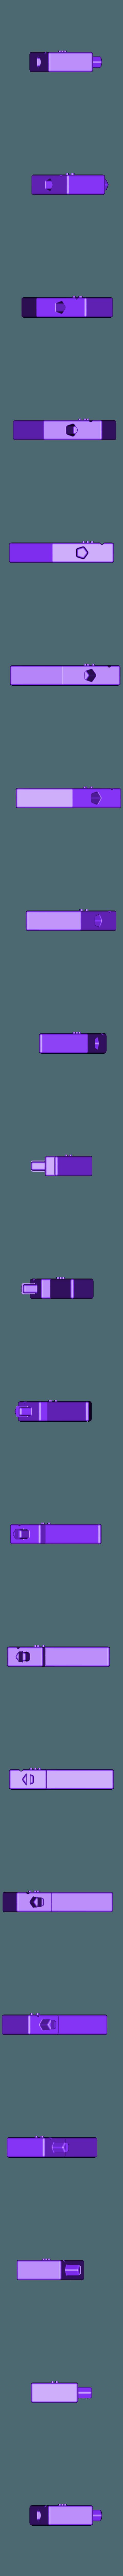 O.stl Télécharger fichier STL gratuit Bateau Fittle Puzzle • Design pour impression 3D, Fittle